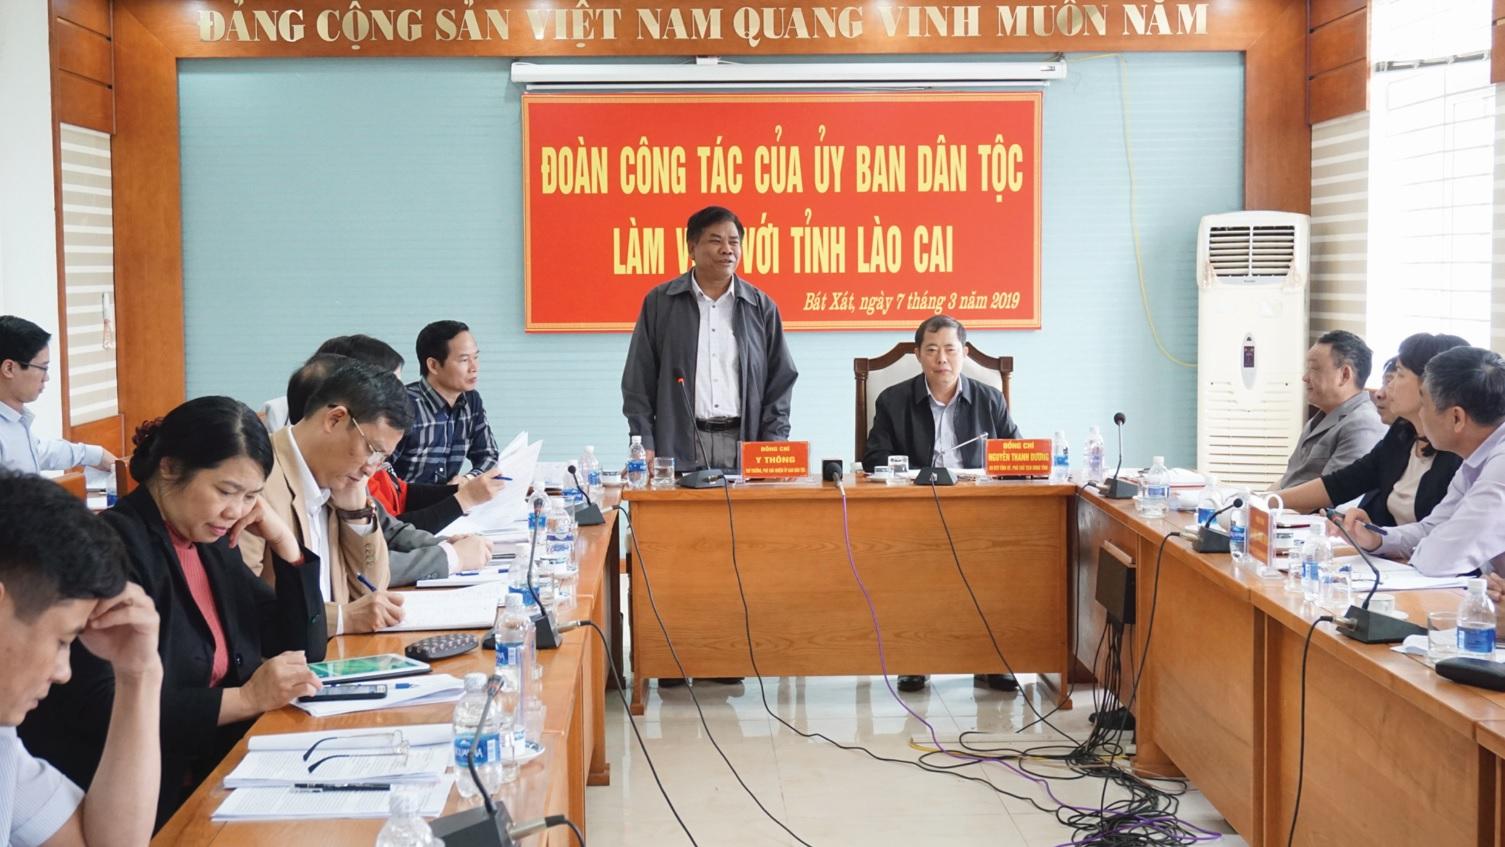 Thứ trưởng Y Thông phát biểu tại buổi làm việc với tỉnh Lào Cai.